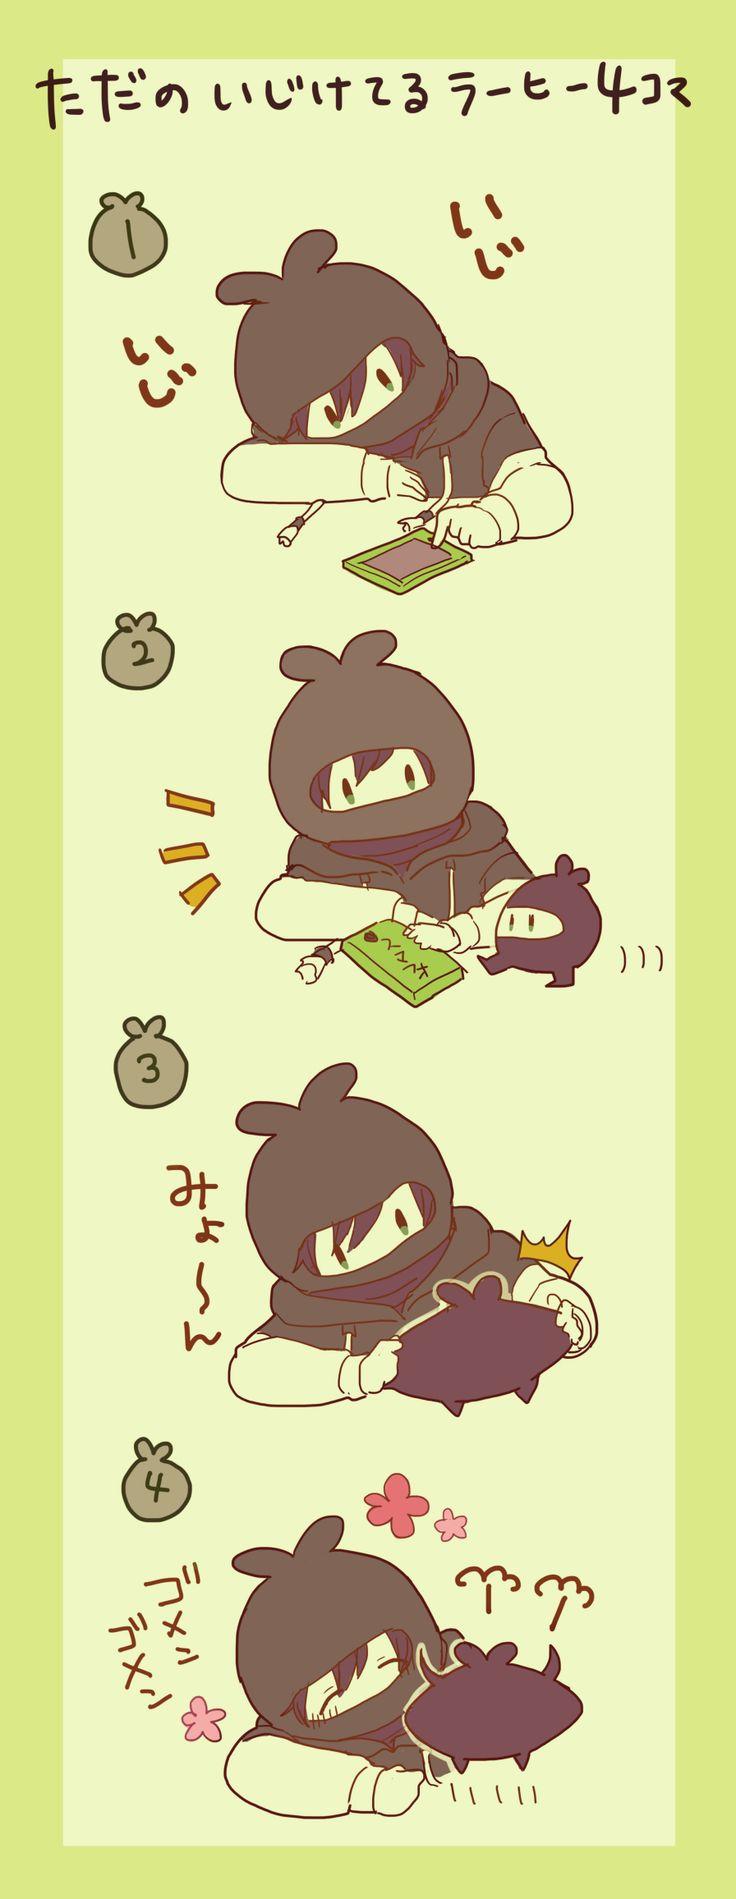 「実況者さんイラストまとめ2」/「菜花」の漫画 [pixiv]